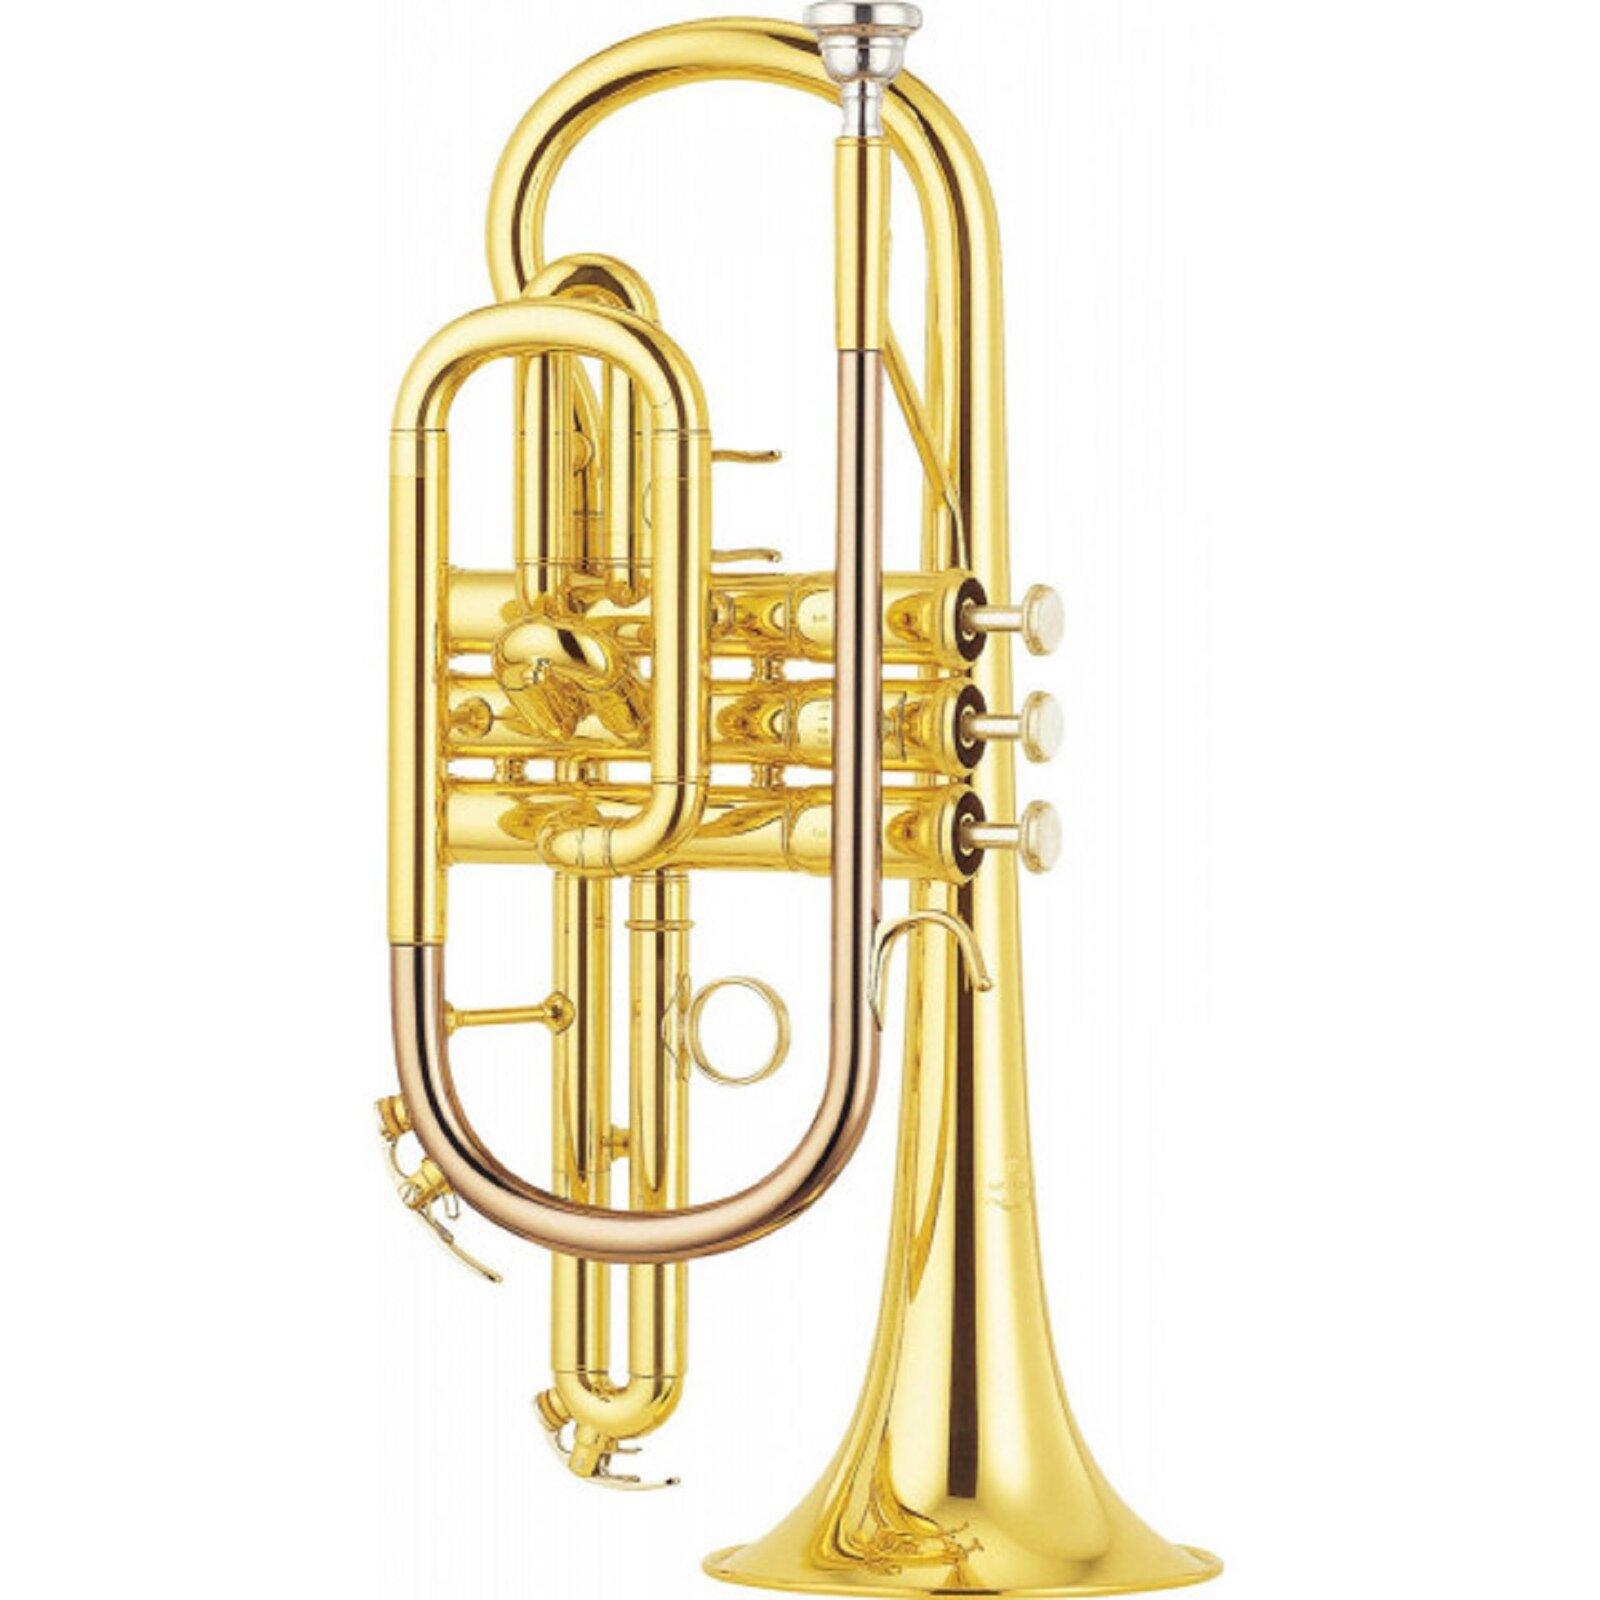 Ilustracja przedstawia kornet. Widoczny jest instrument dęty blaszany zgrupy aerofonów ustnikowych, podobny do trąbki.